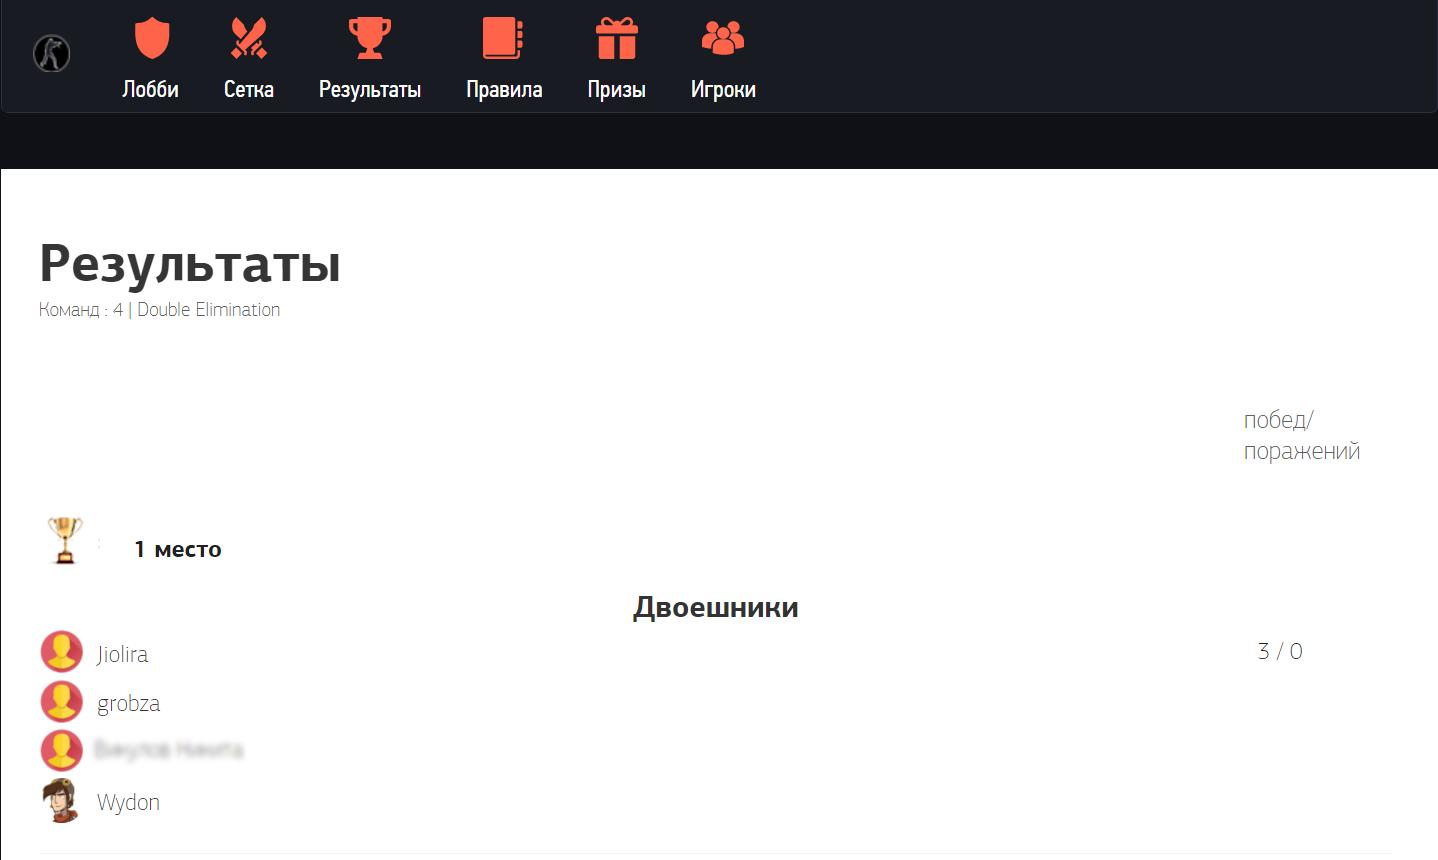 Карточка события на сайте организаторов.